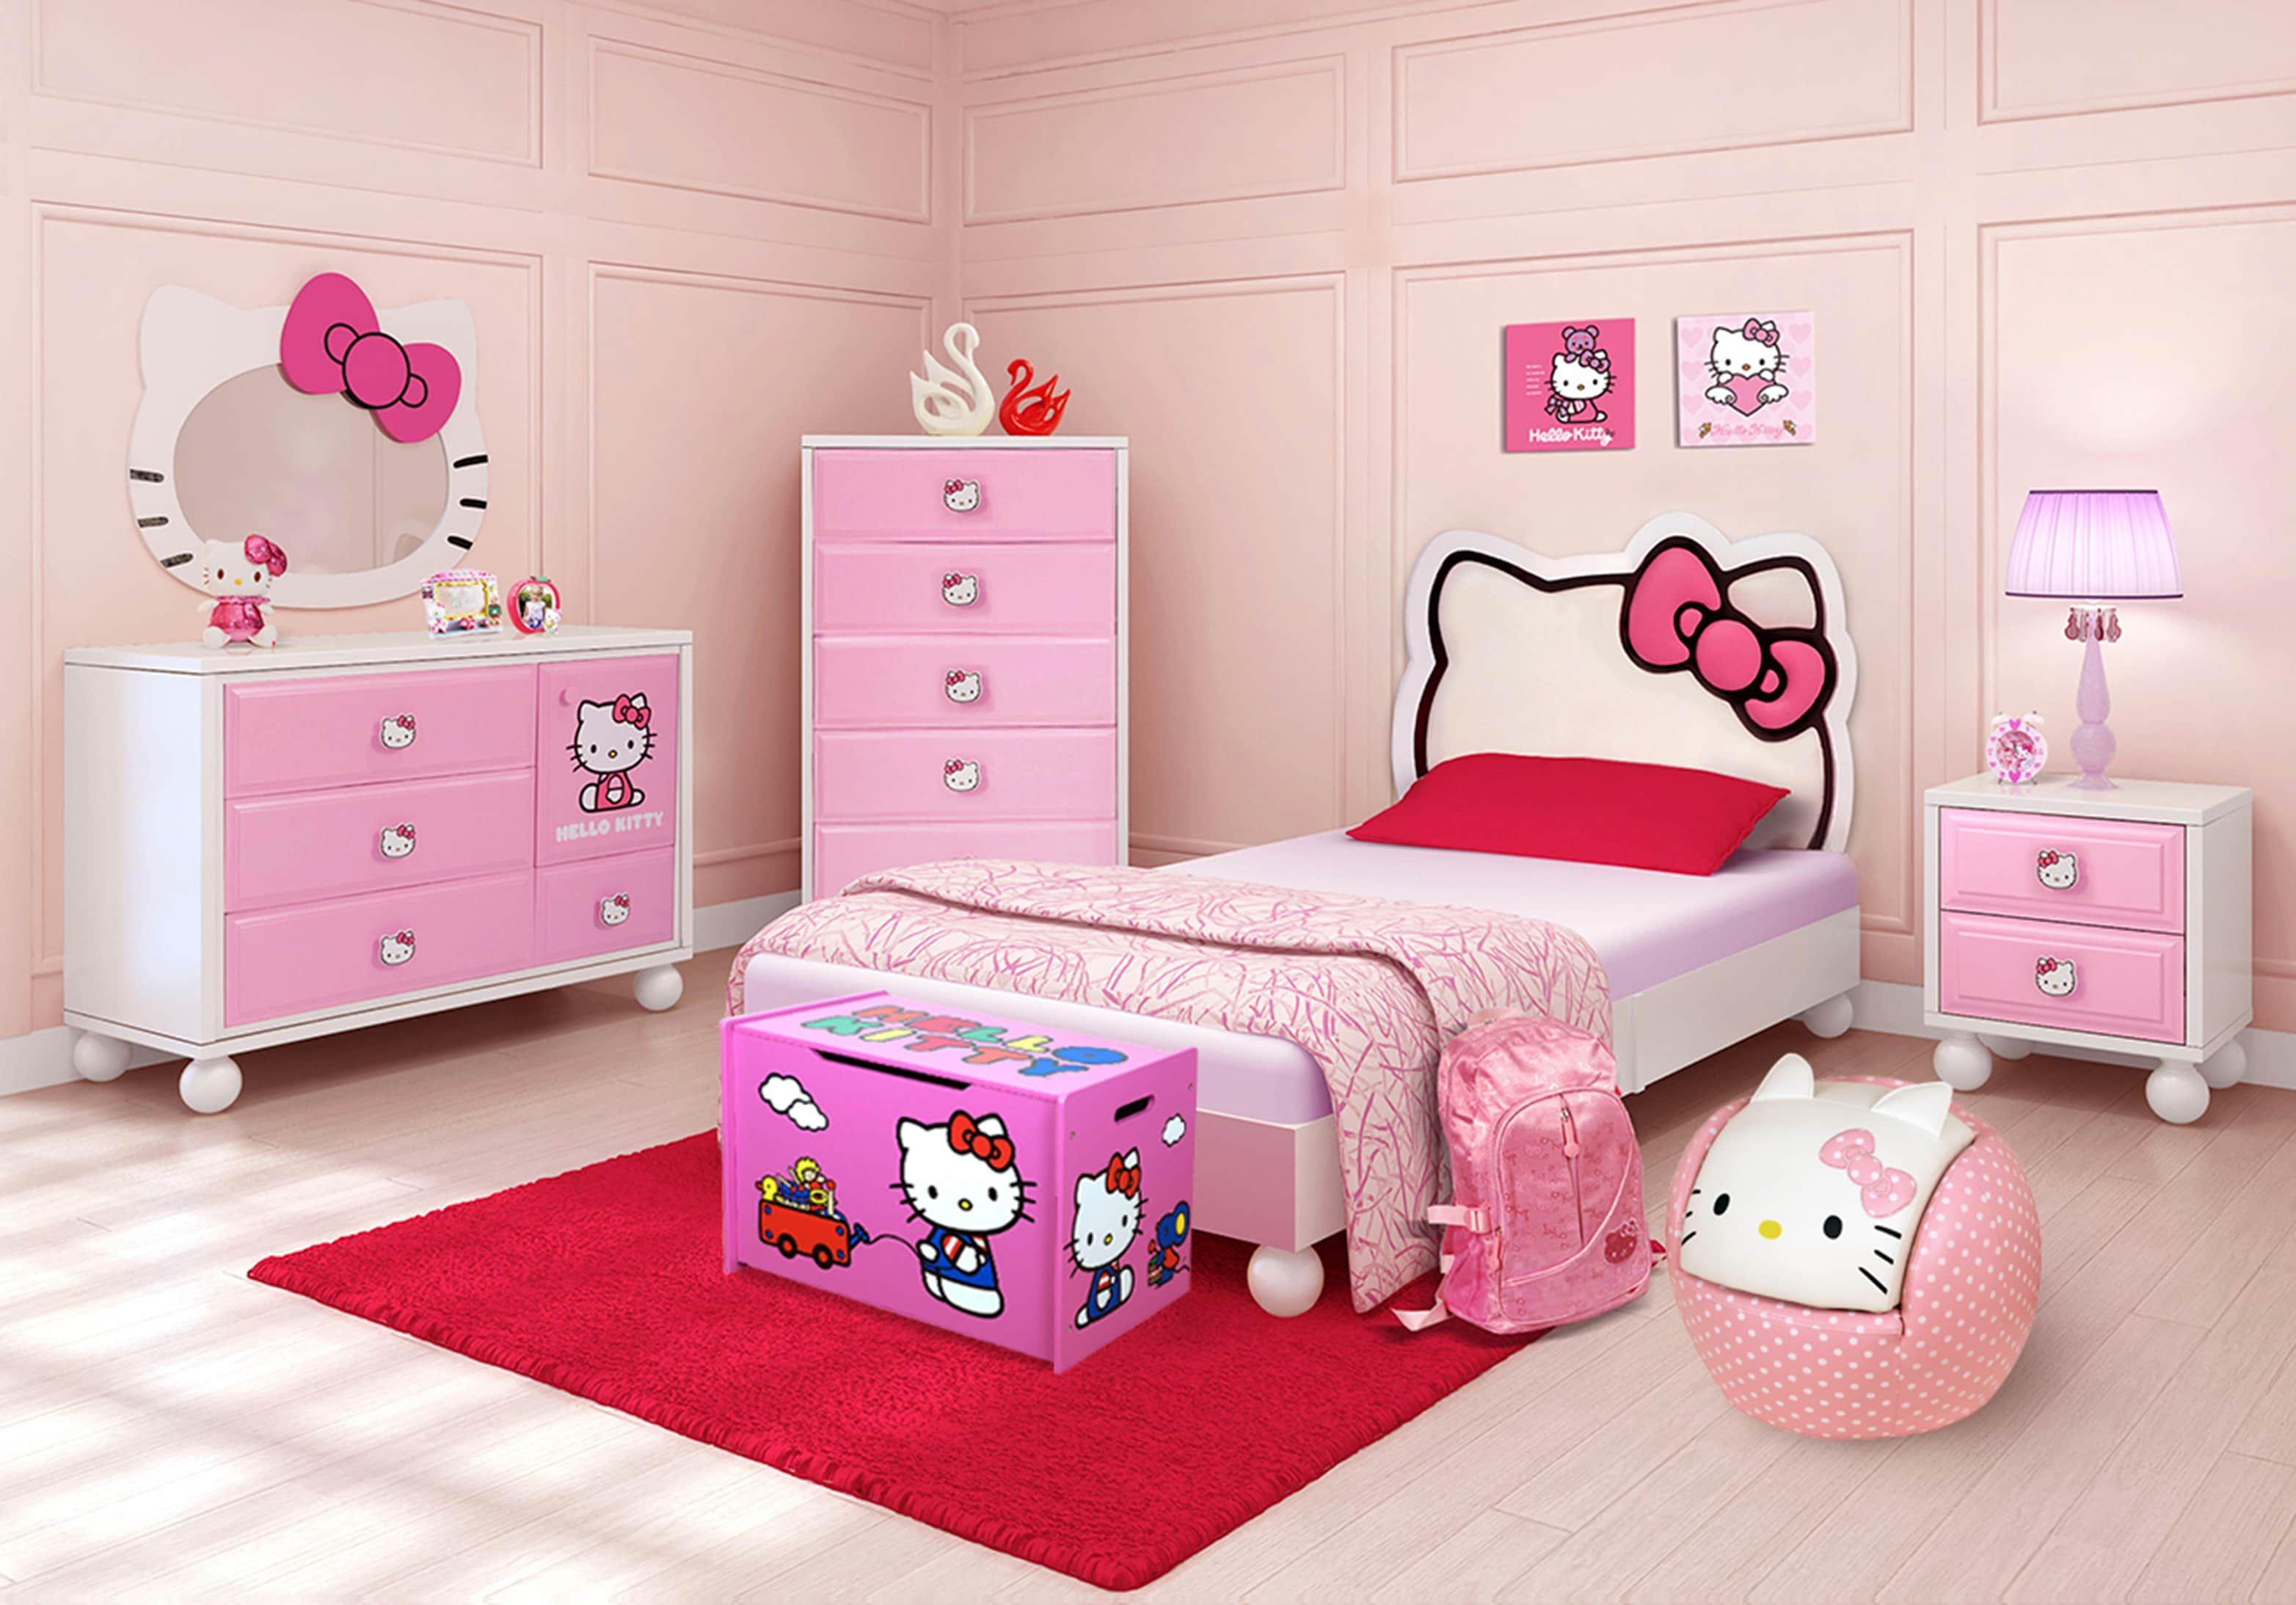 Hello Kitty Twin Bedroom Girls Bedroom Sets Colors Modern Bedroom Furniture Pink Bedroom Design Bedroom Furniture Stores